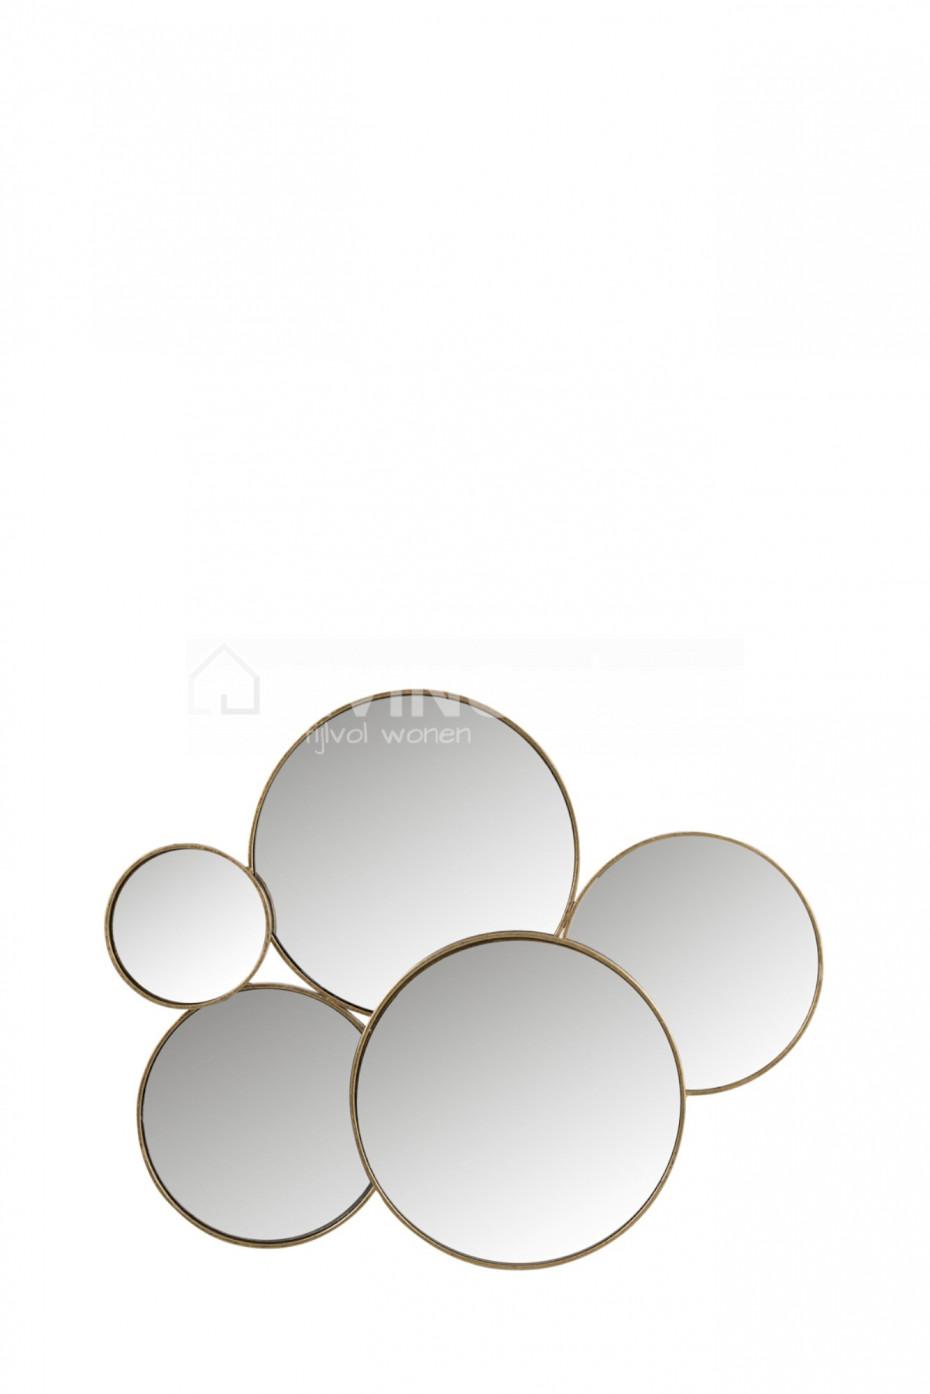 Déco Murale Miroir Cercles Doré J Line Déco Vente En Ligne At Living